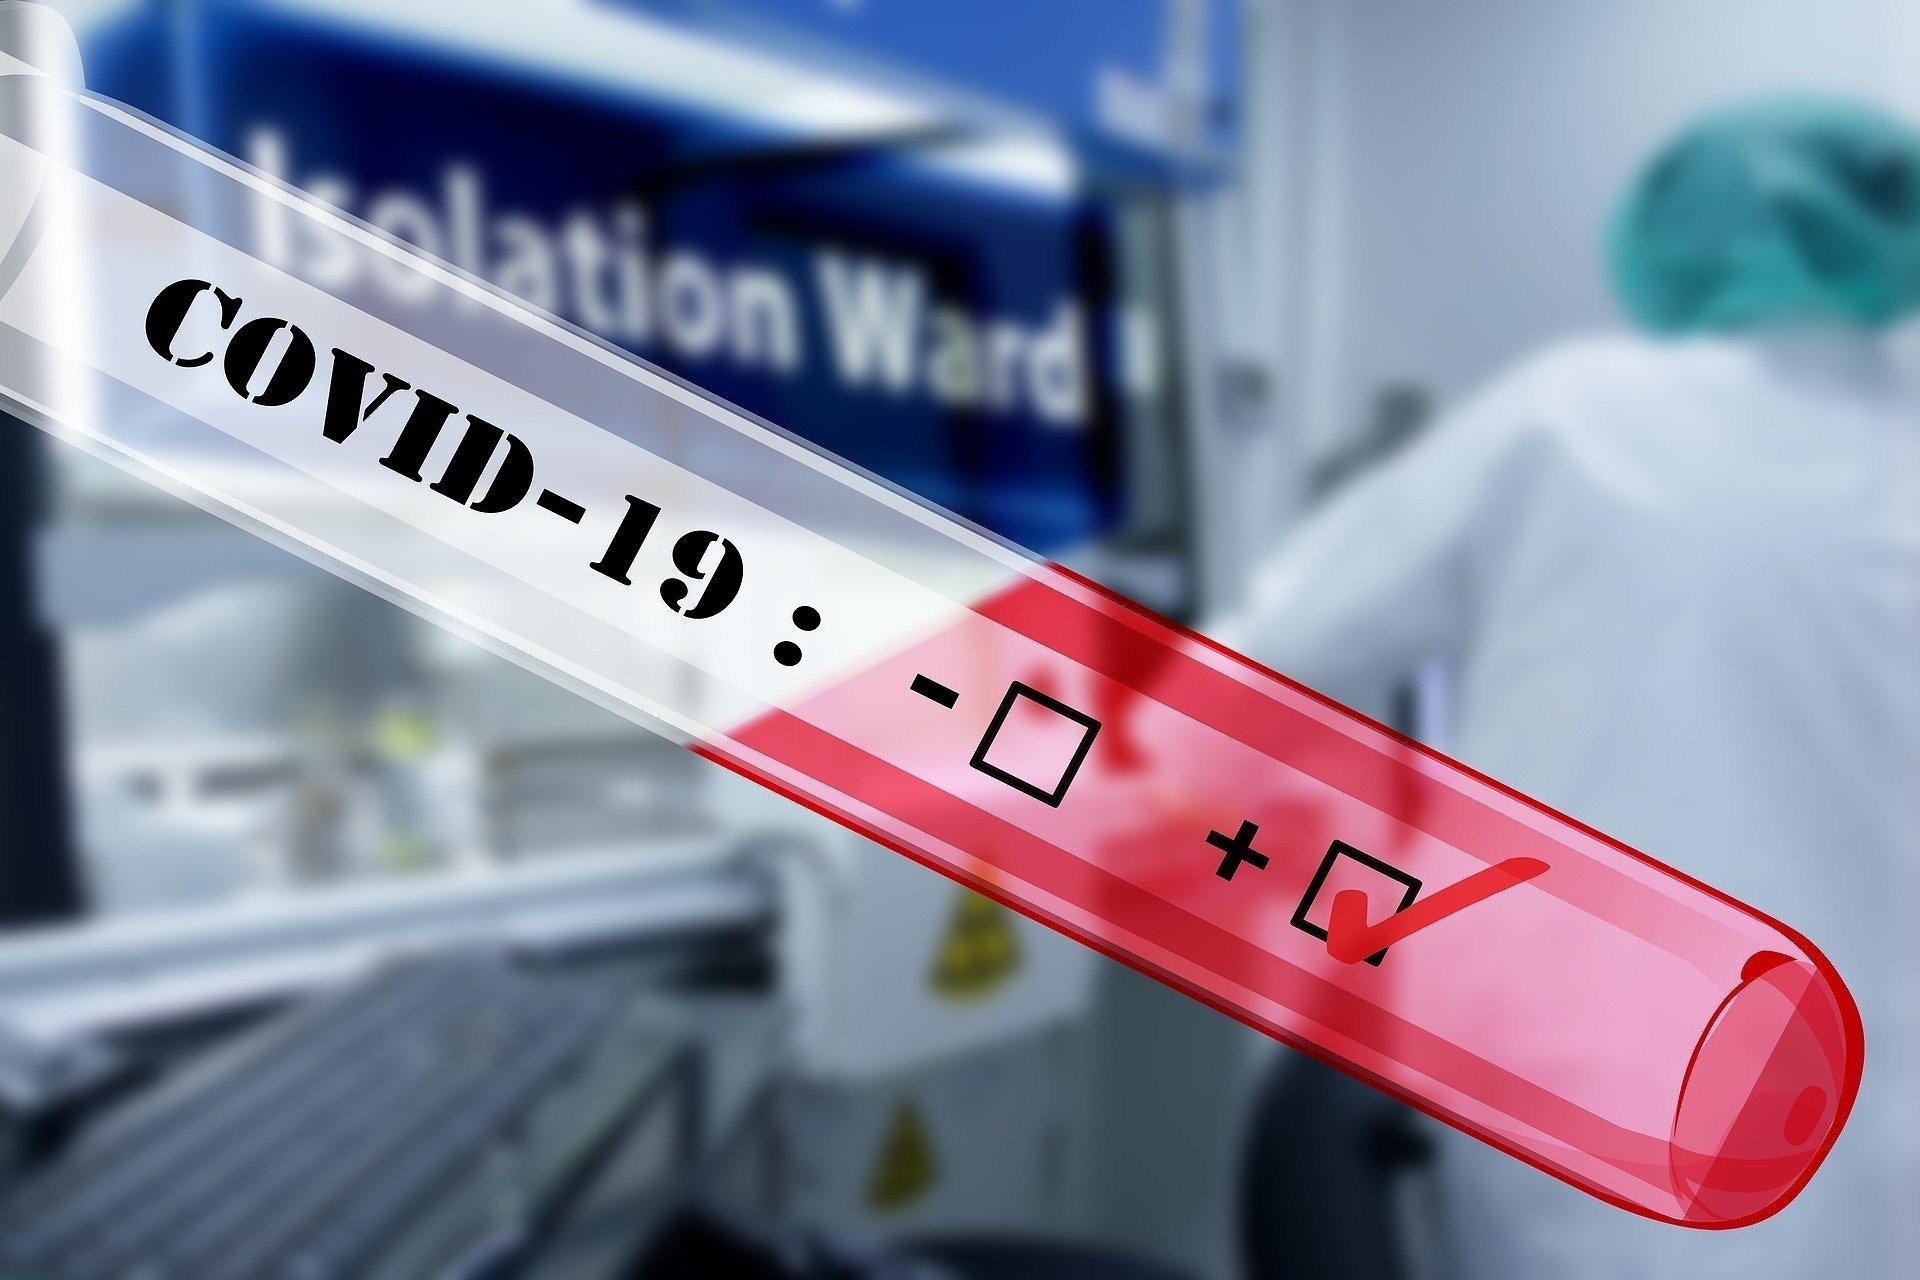 Минздрав отправил в регионы 260 тыс быстрых тестов на антиген